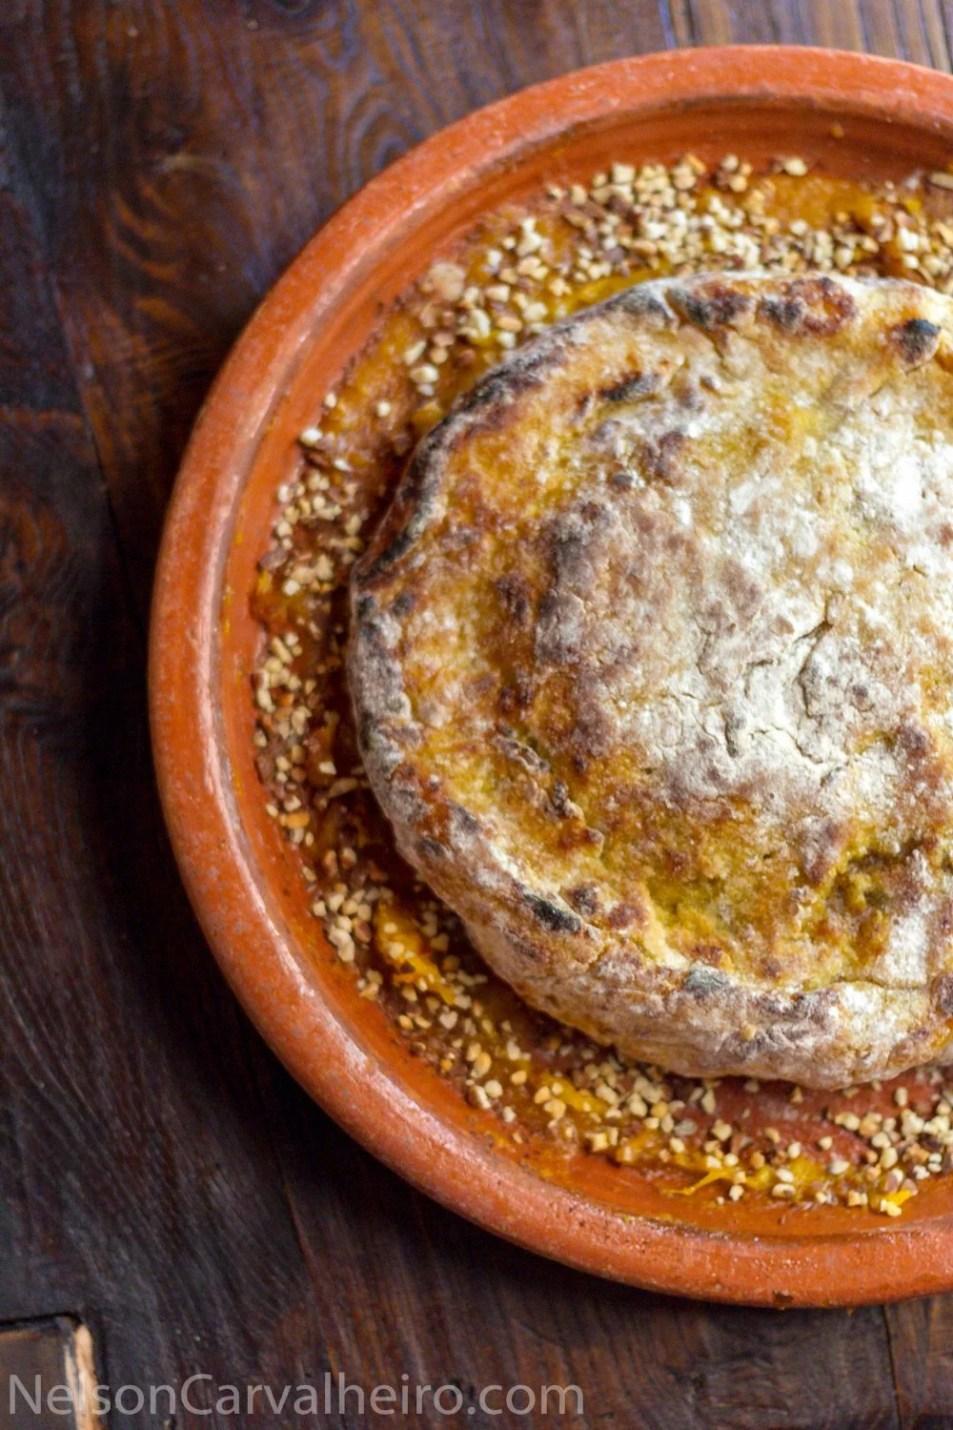 Nelson_Carvalheiro_Portugal_Travel_Cookbook (27)